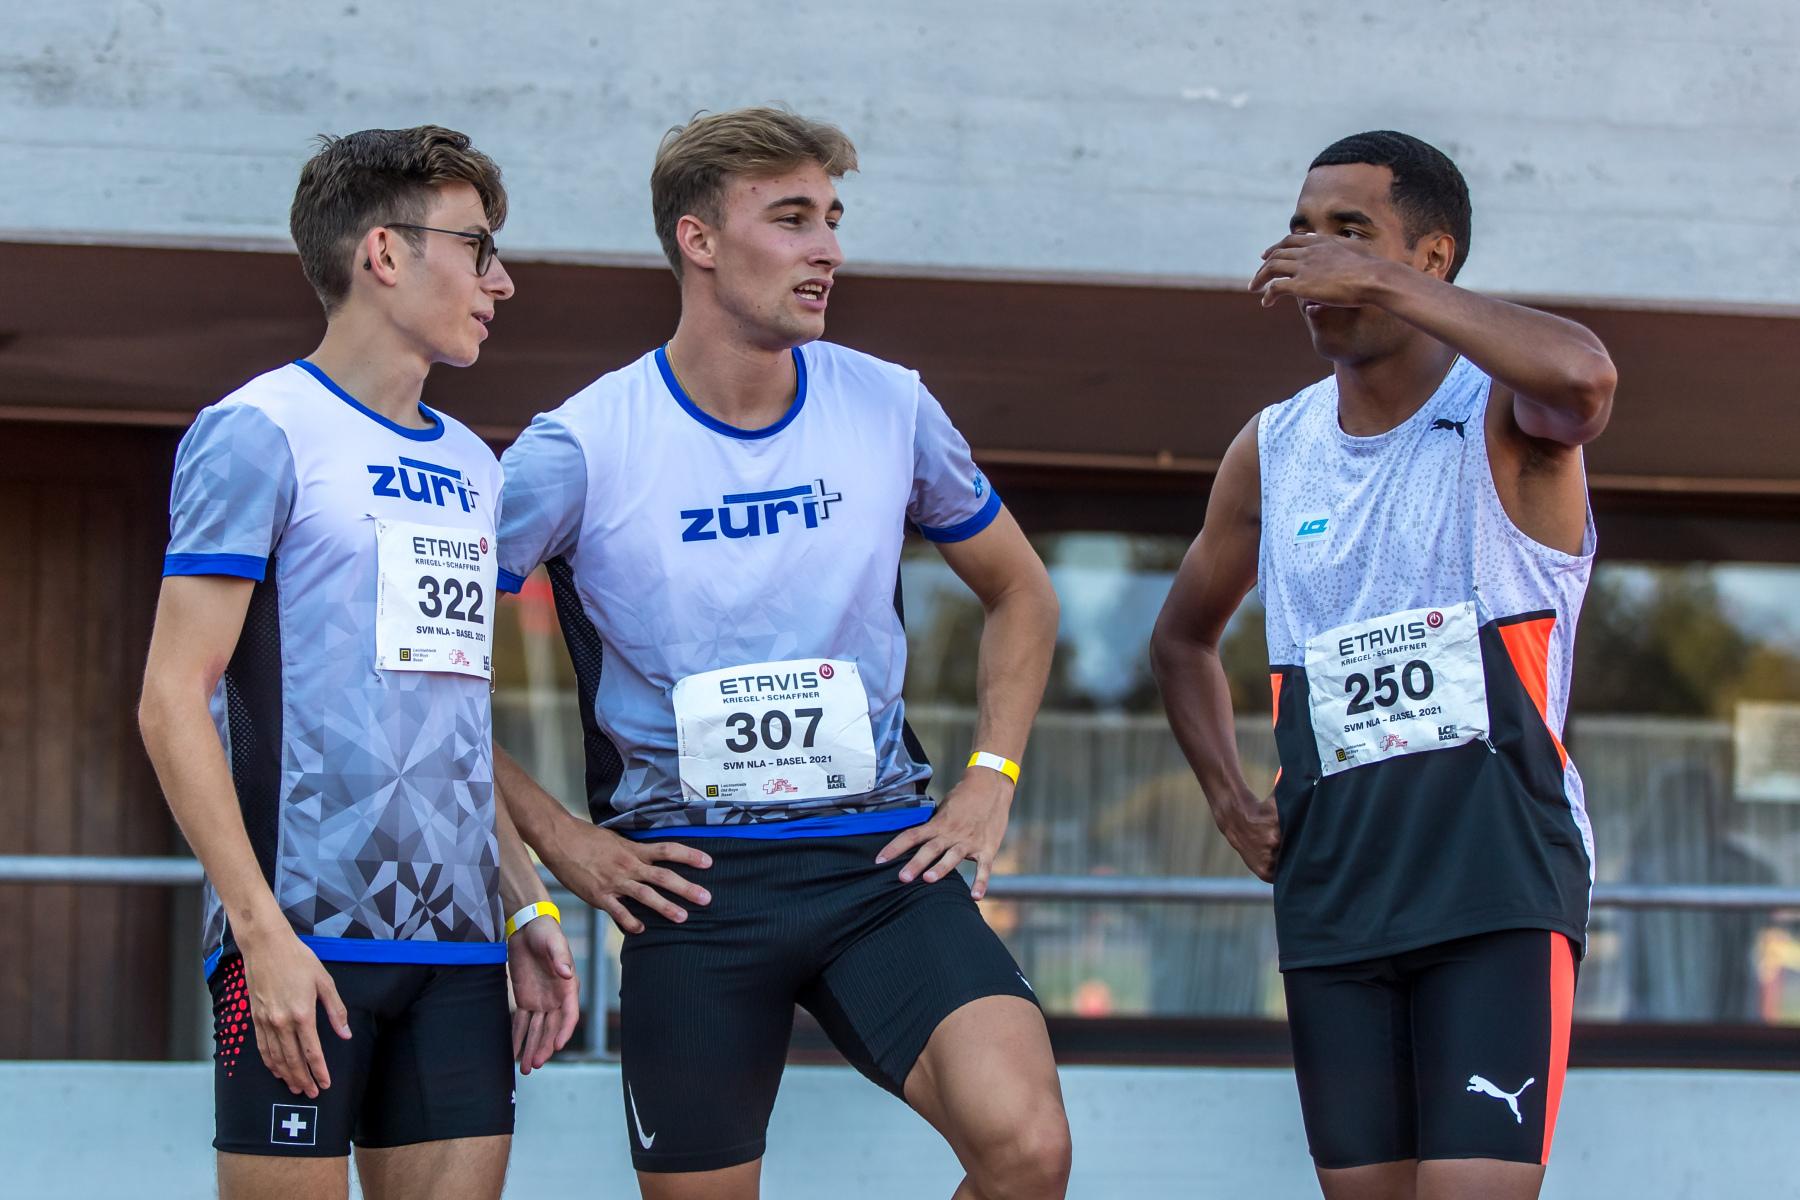 Lionel Spitz  (LG Zueri+, 322) ,  Martin Fuchs  (LG Zueri+, 307) ,  William Jeff Reais  (Leichtathletik Club Zuerich, 250)  at the Swiss Interclub Championship on Saturday, 18.09.2021